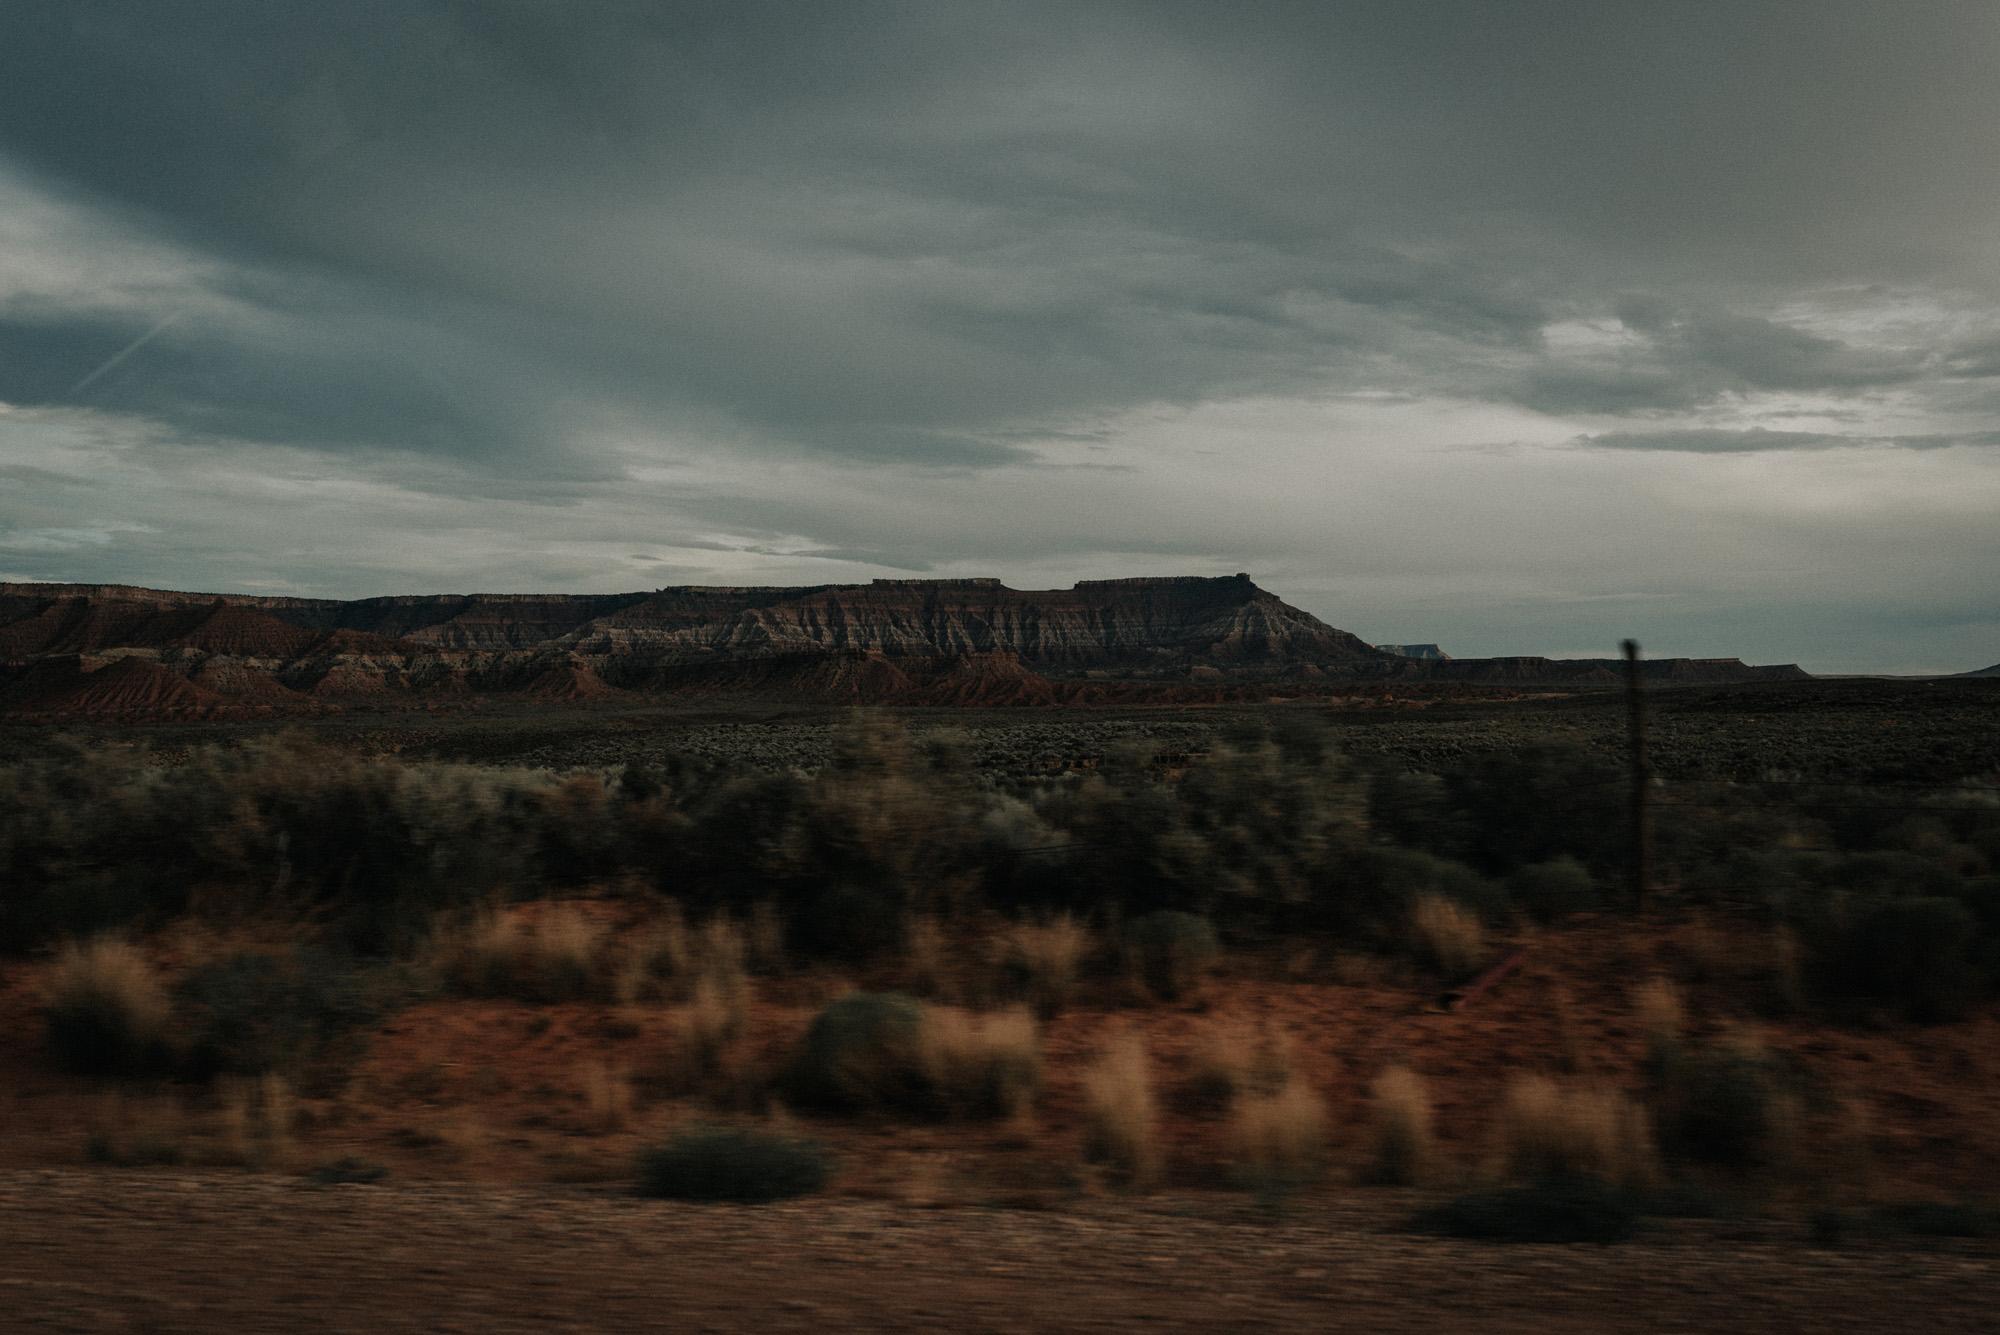 Zion national park kylewillisphoto